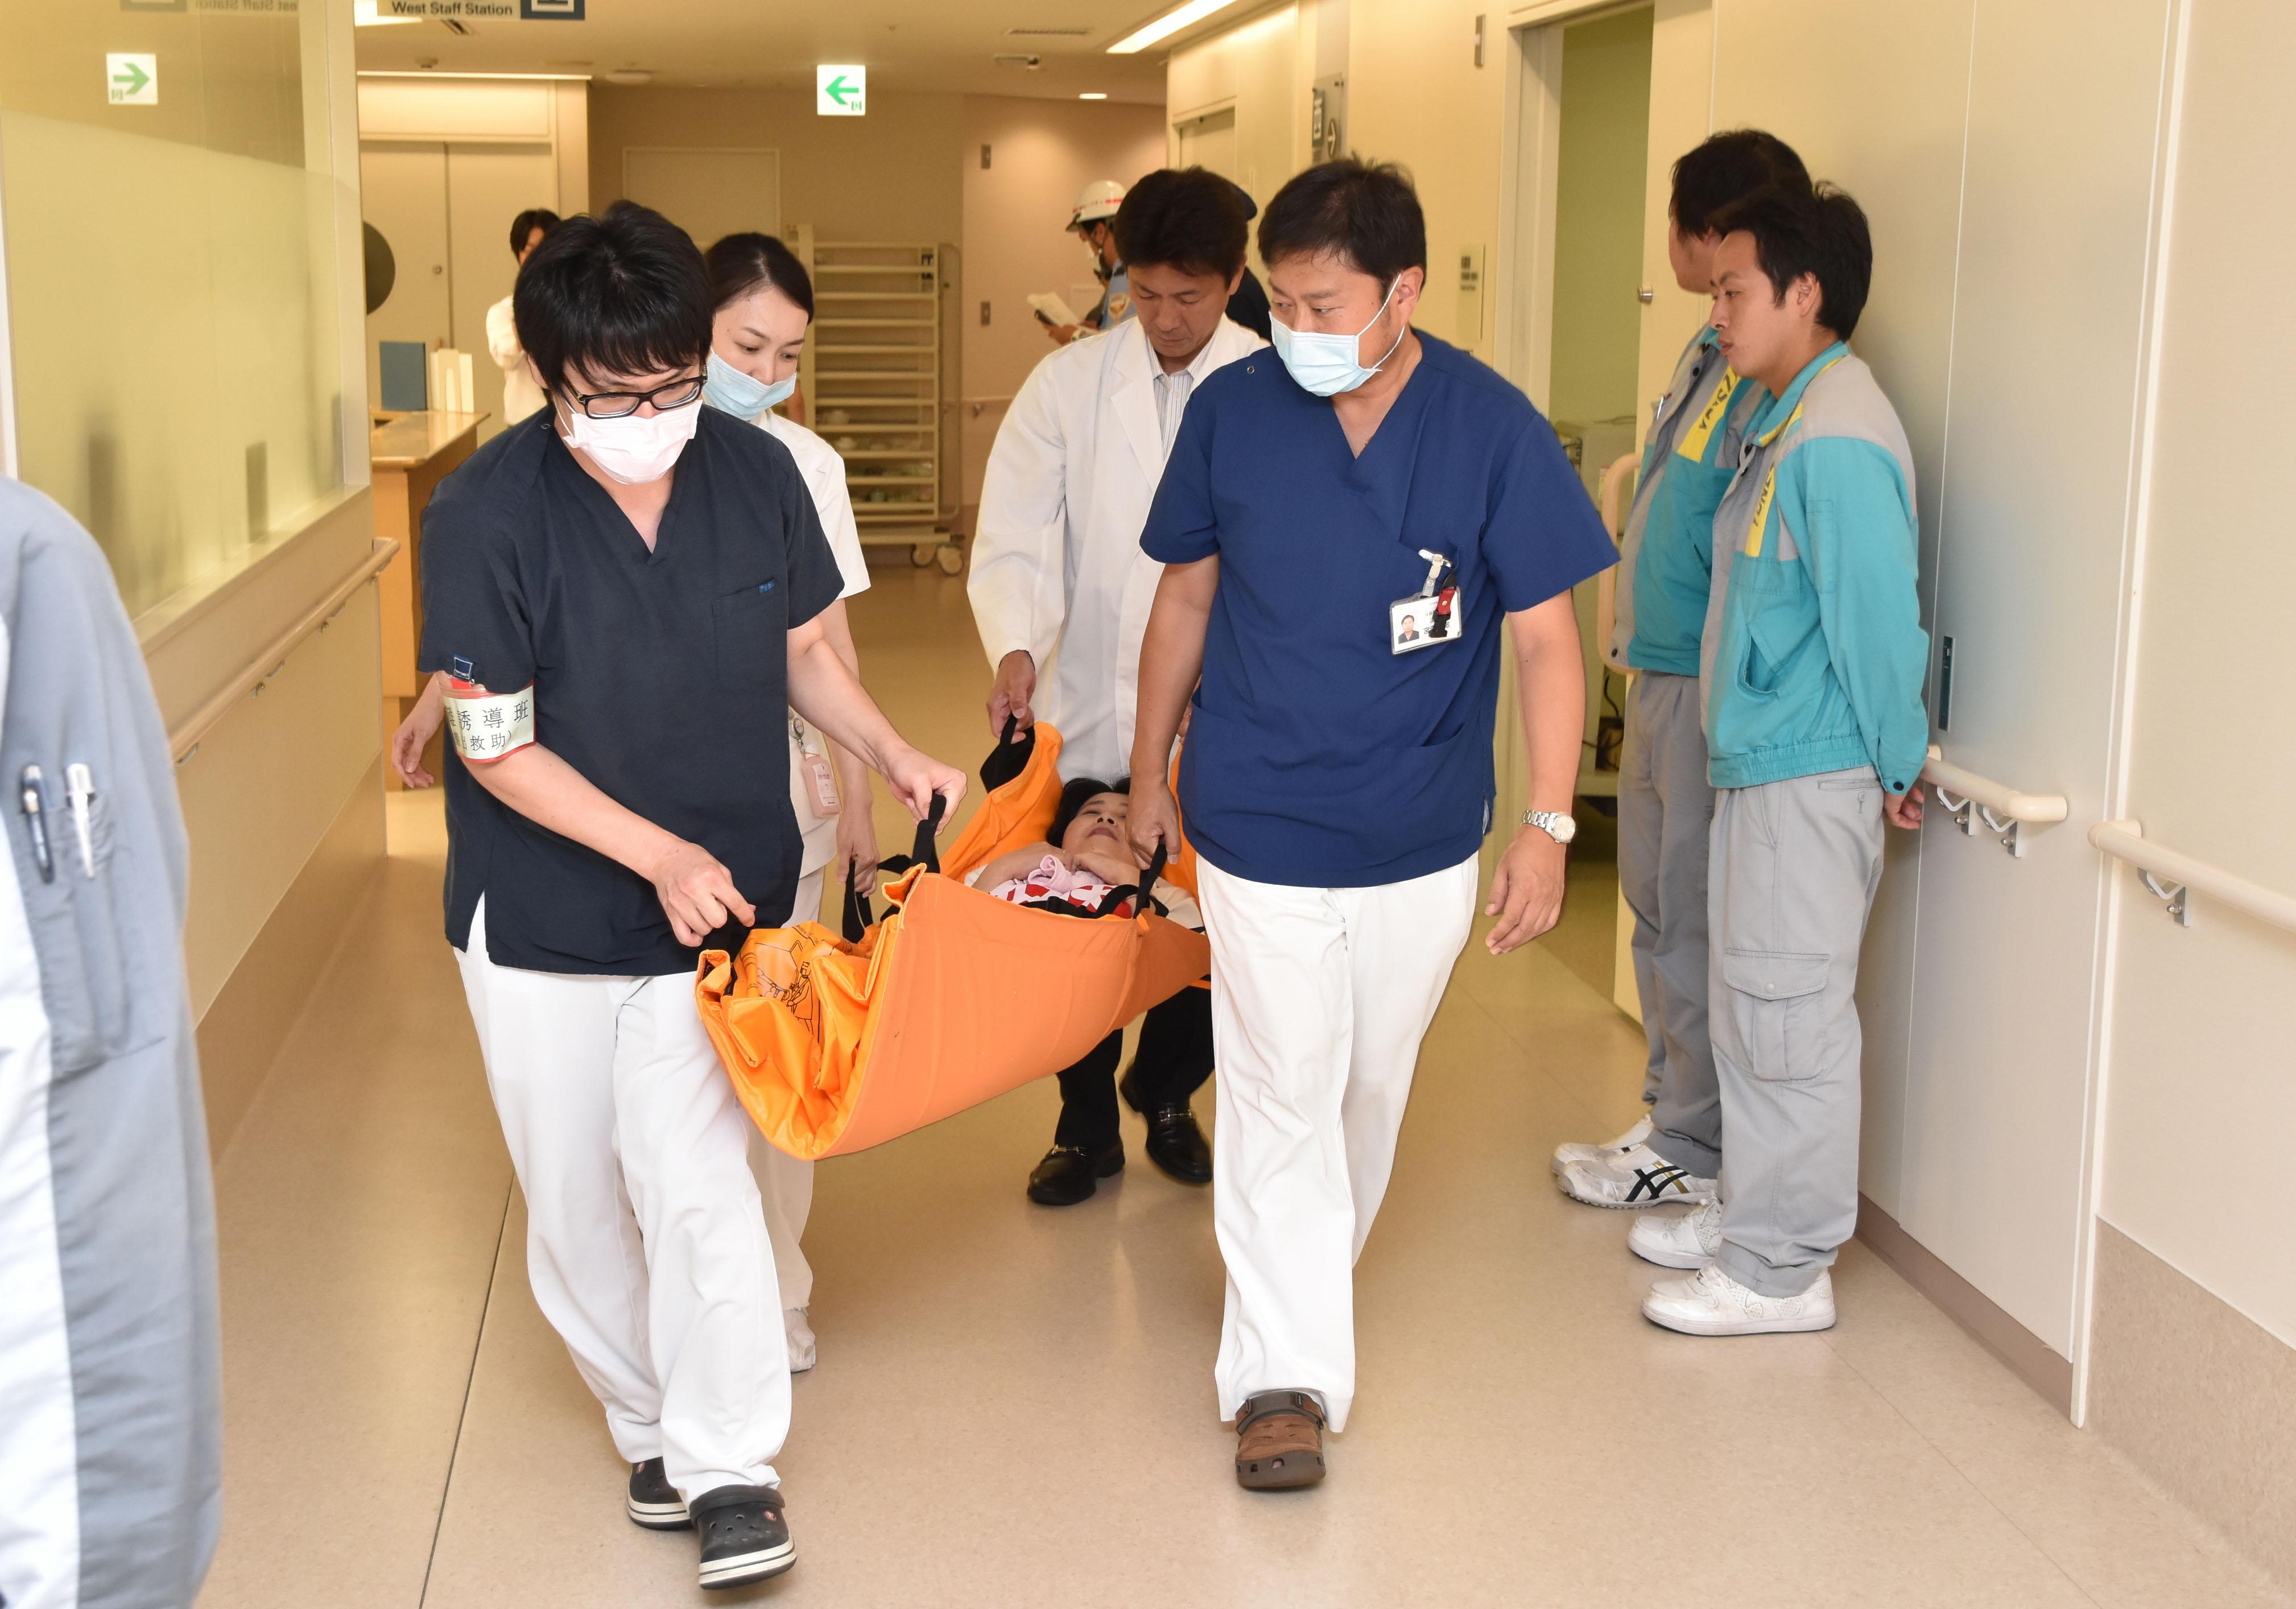 職員による救助活動訓練.jpg